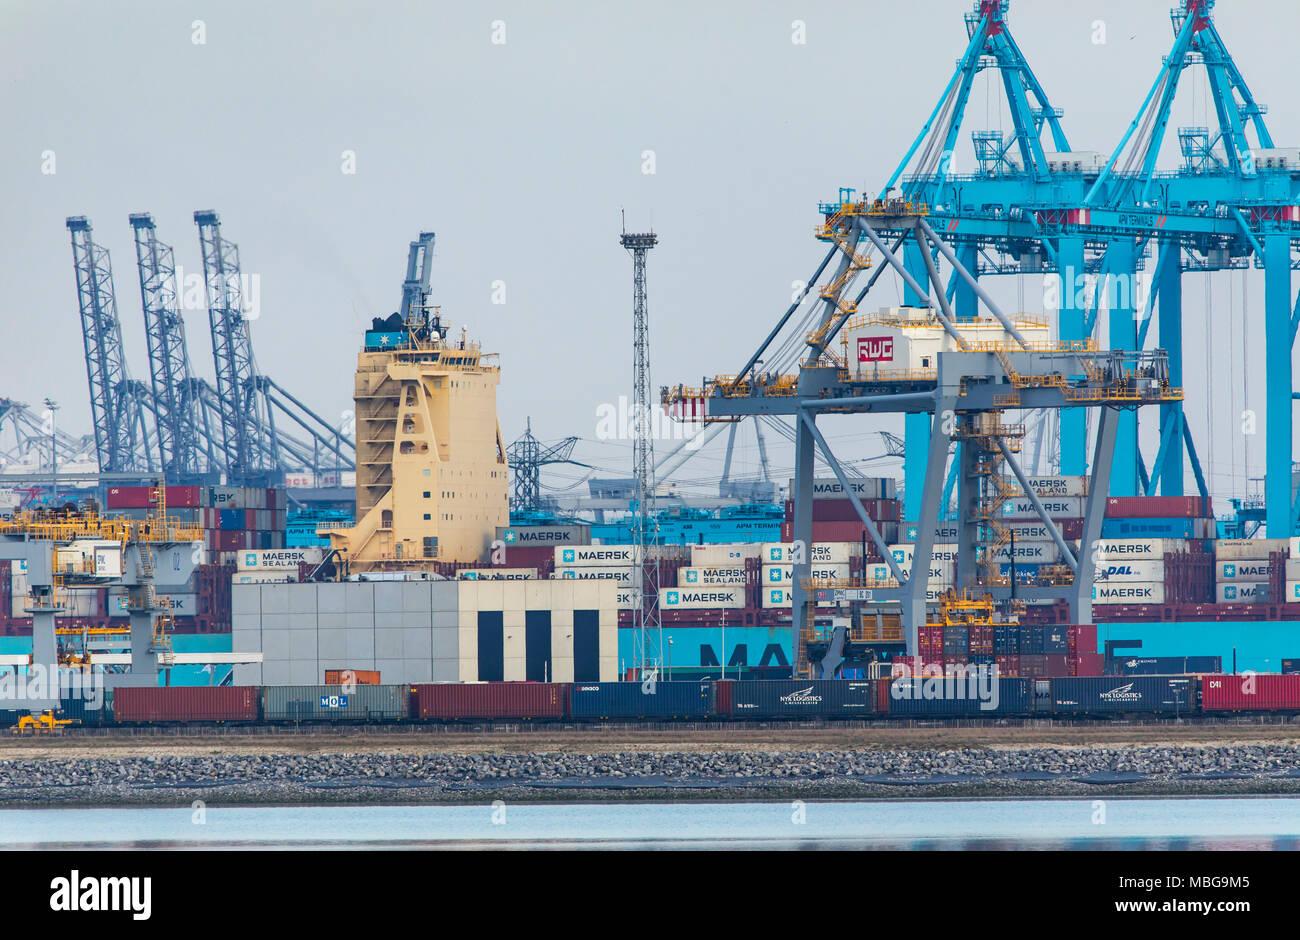 El puerto de Rotterdam, Holanda, puerto de aguas profundas Maasvlakte 2, sobre una superficie de tierra creada artificialmente en frente de la costa original, Rotterdam World Imagen De Stock